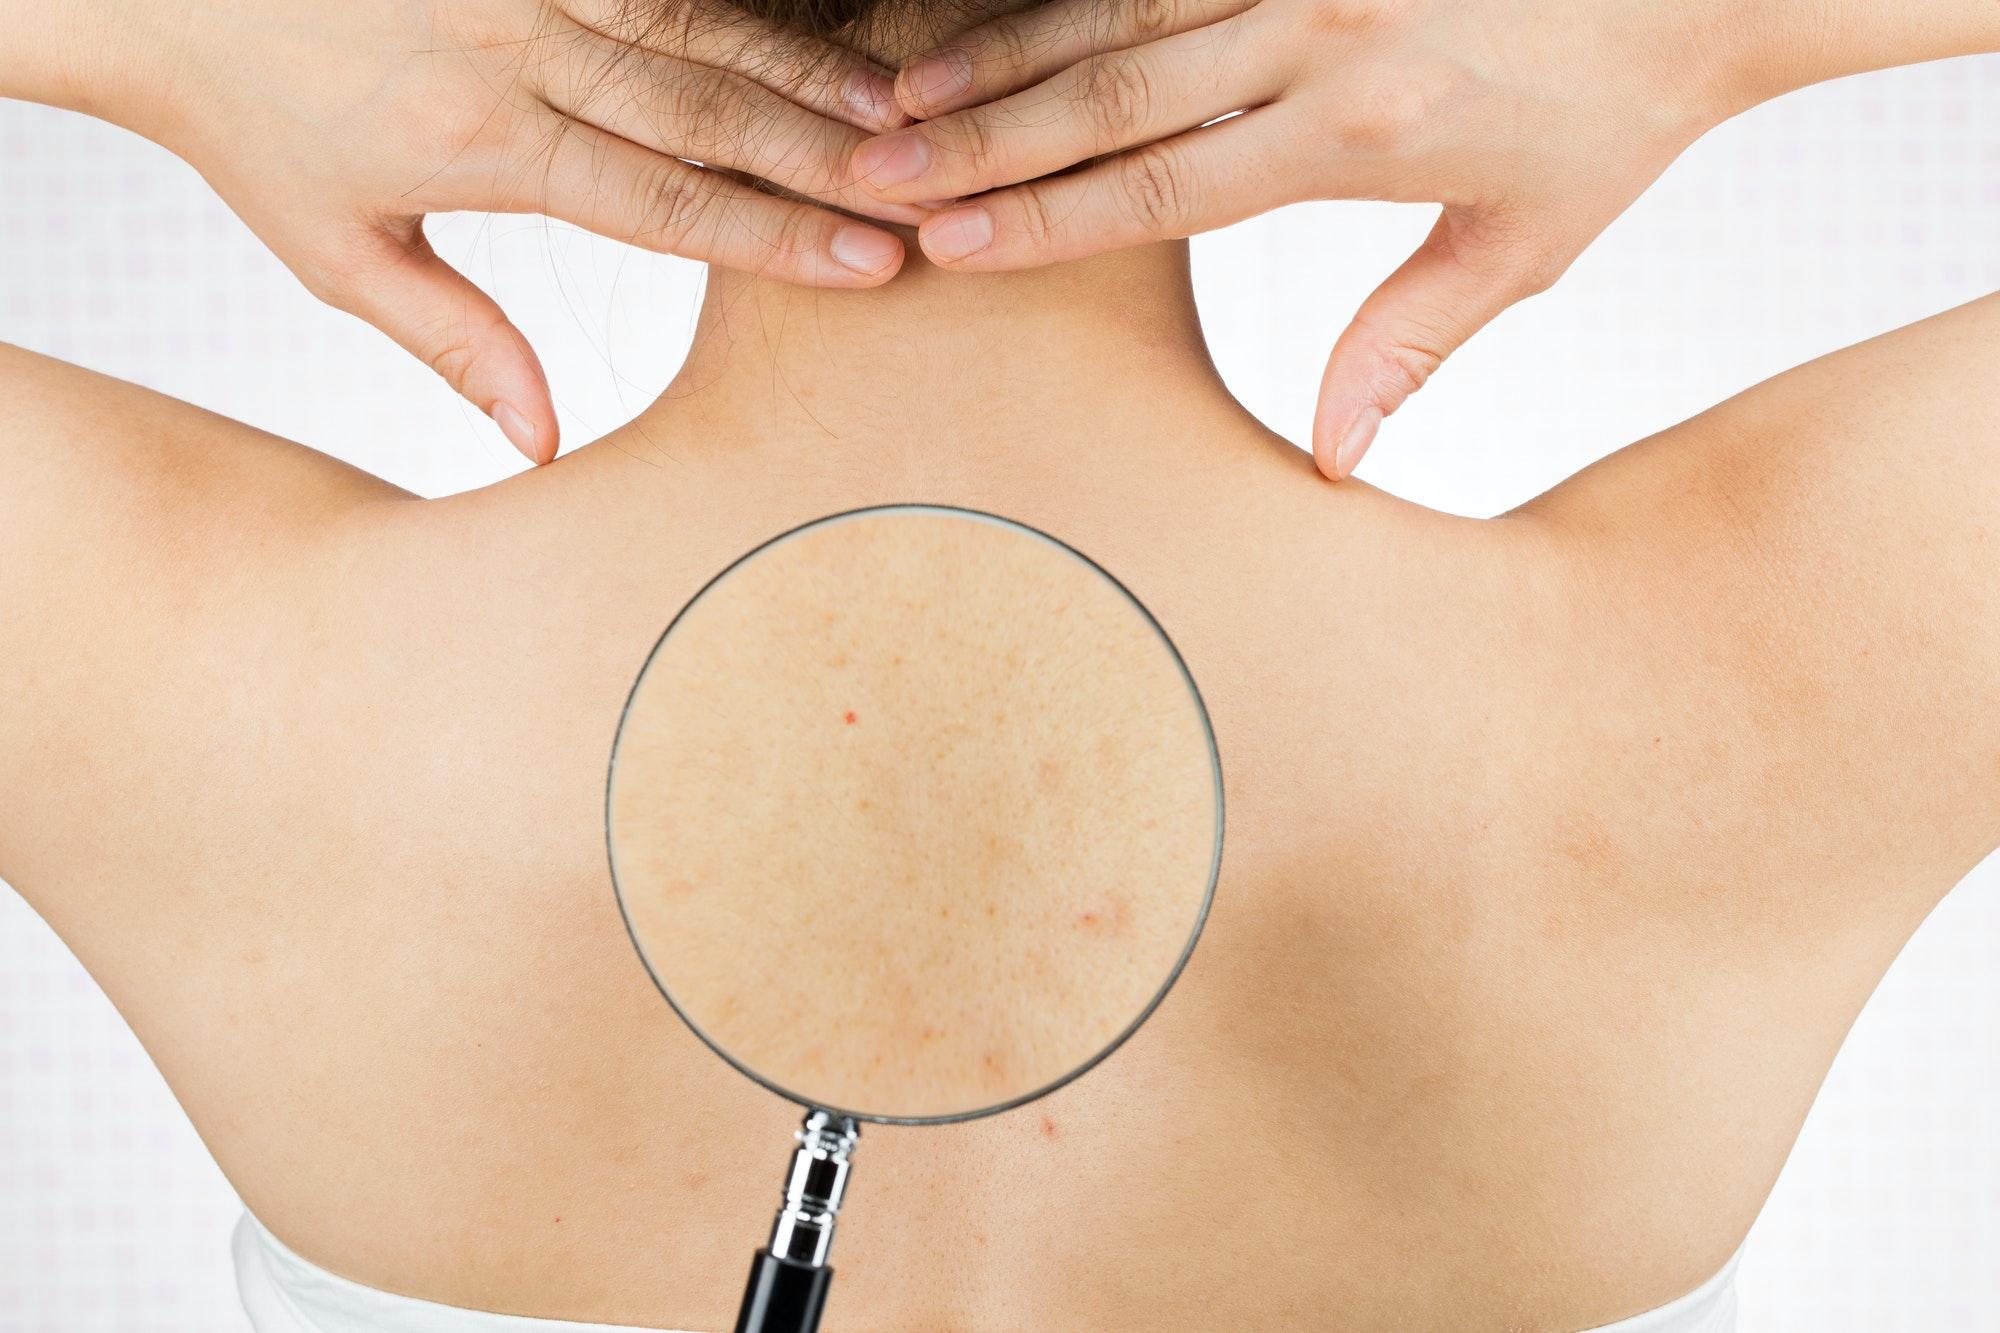 背中ニキビの原因や症状、予防法を解説!ニキビ跡を改善するには